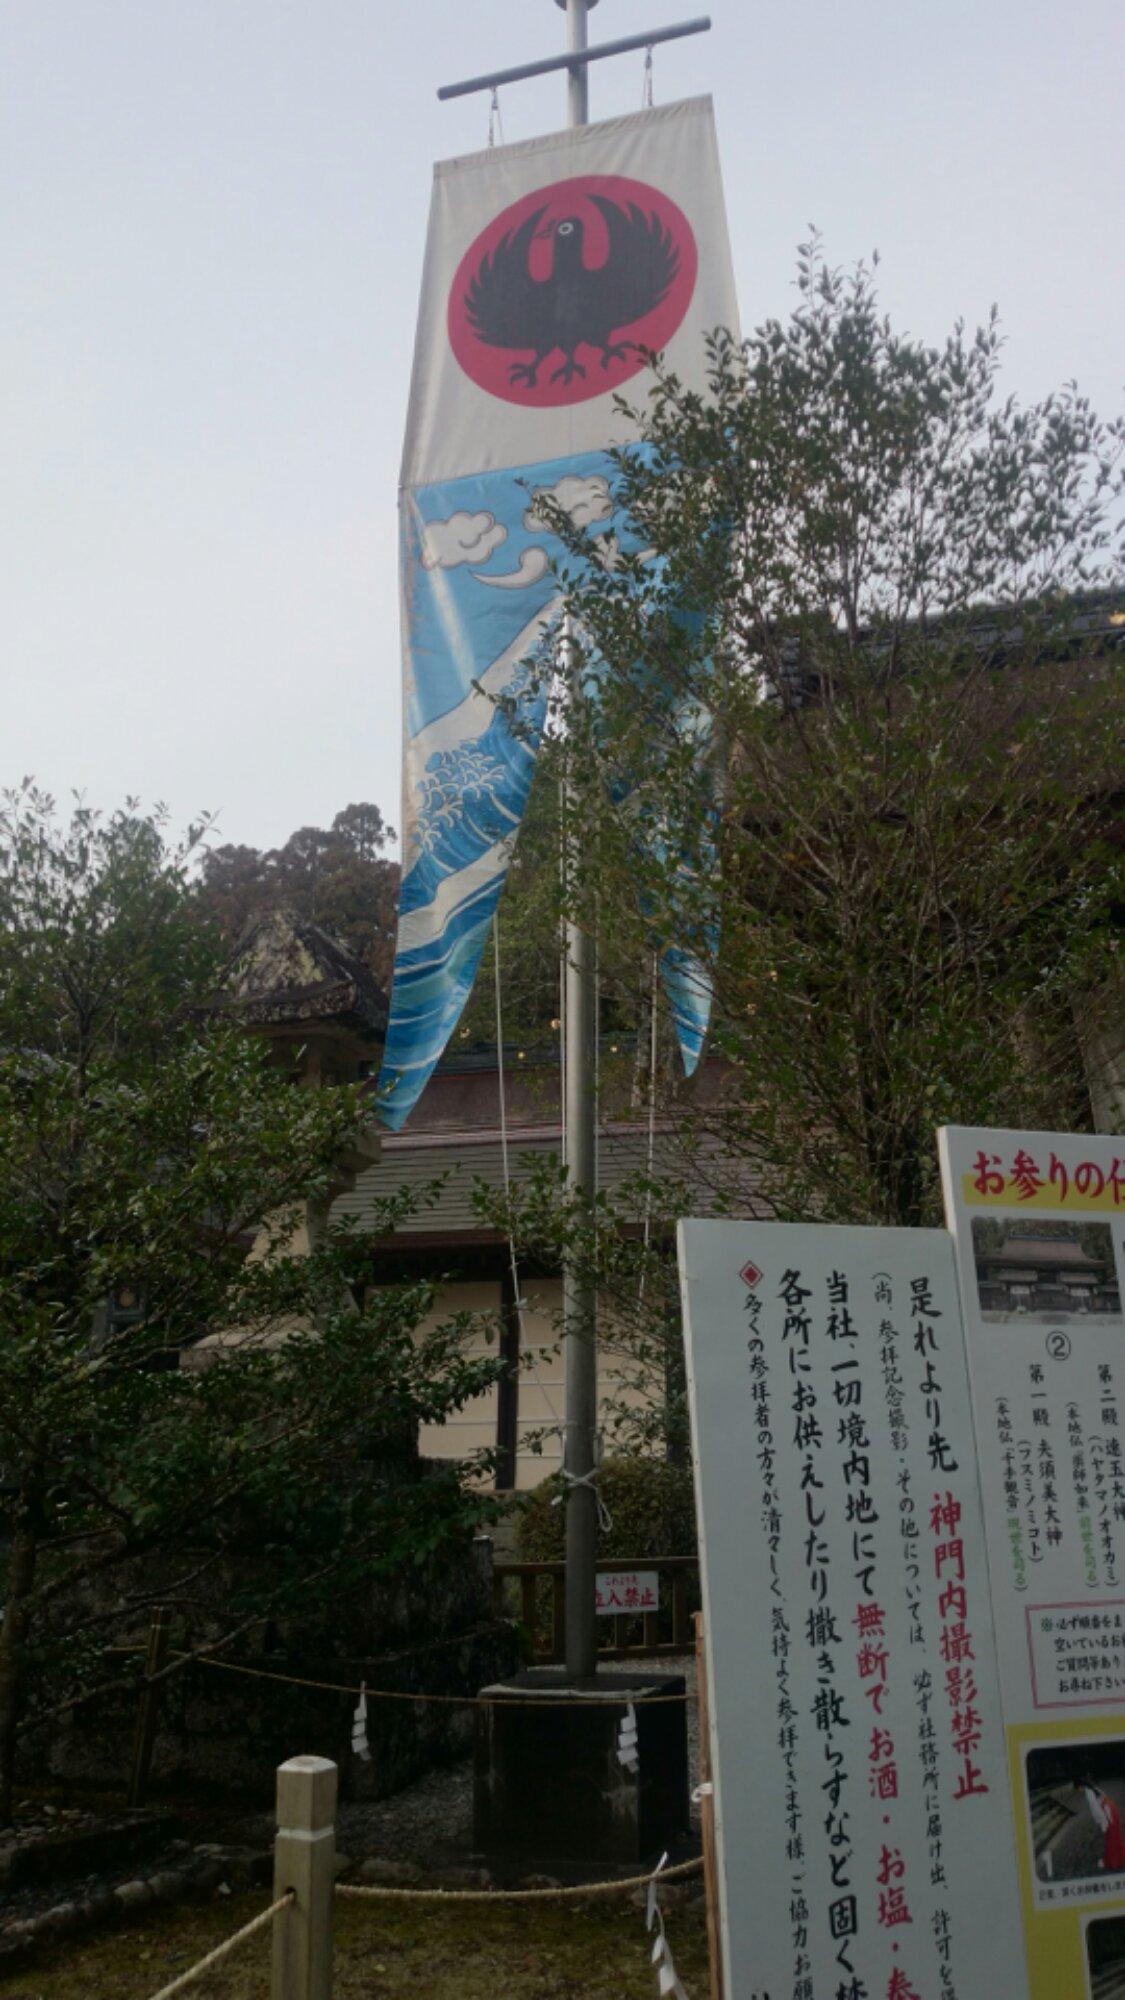 熊野大社本宮への道 | folklorepop